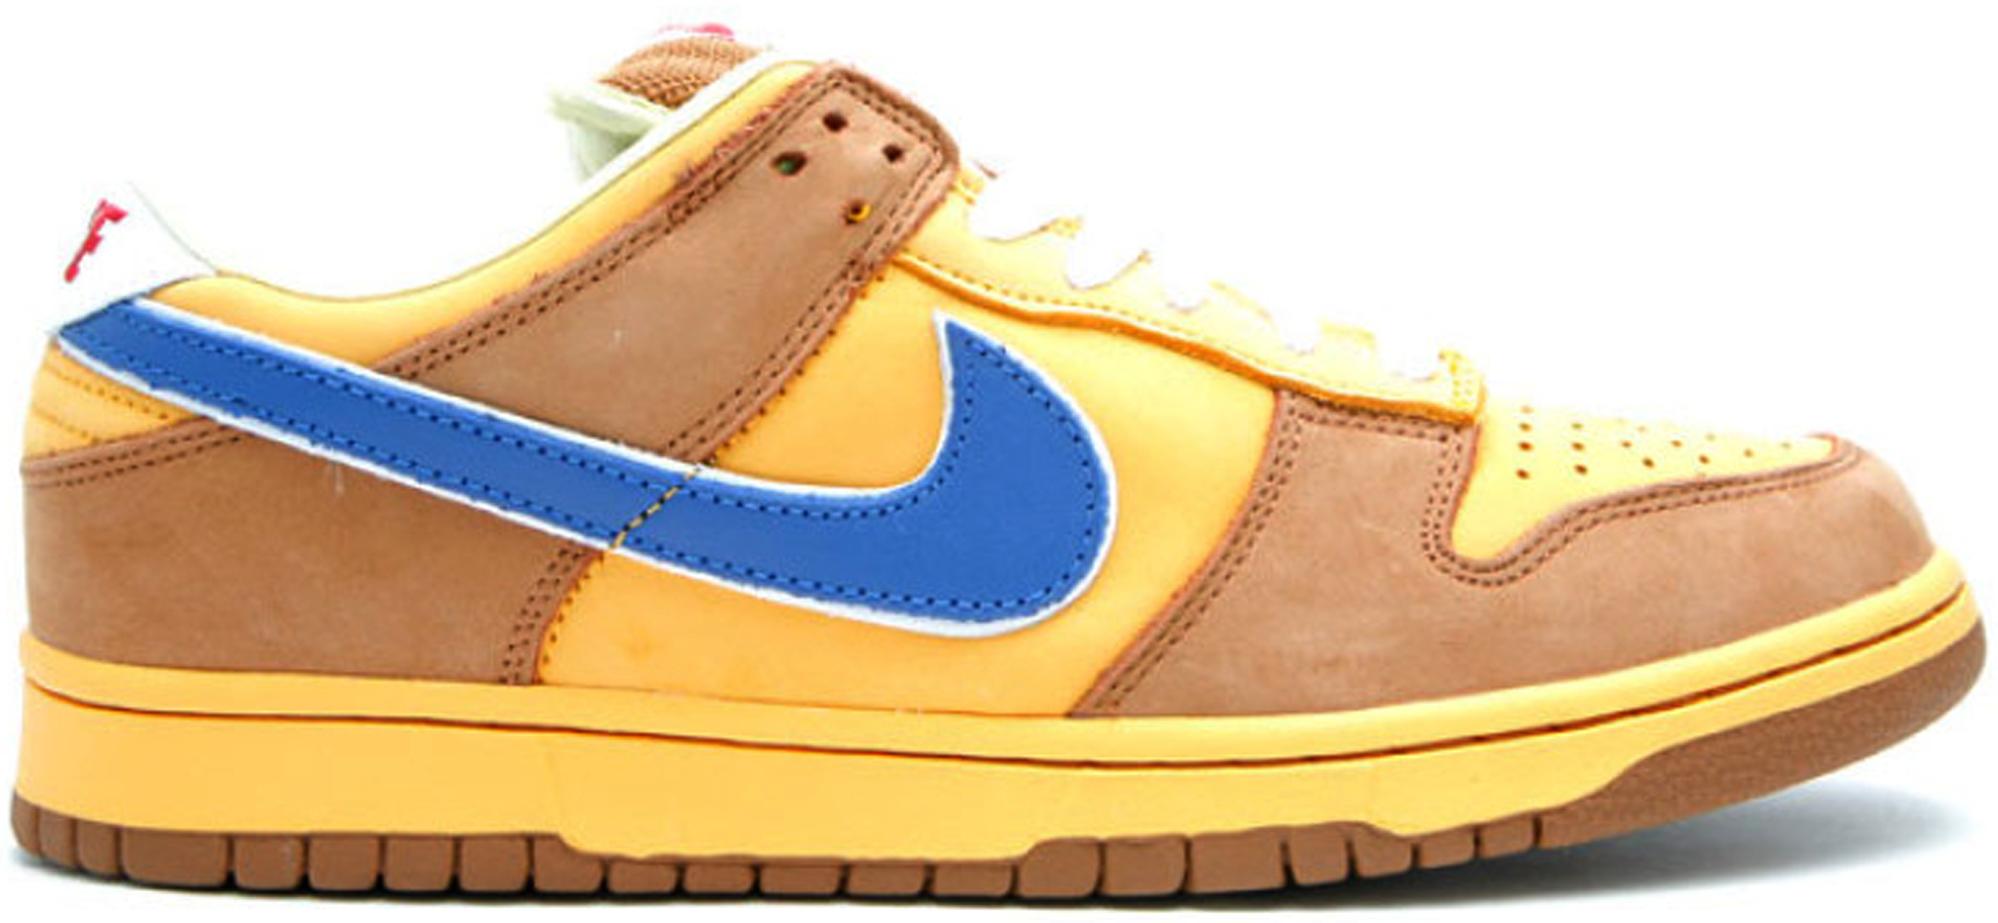 11452d9e865d Nike Shox Turbo Oh Plus